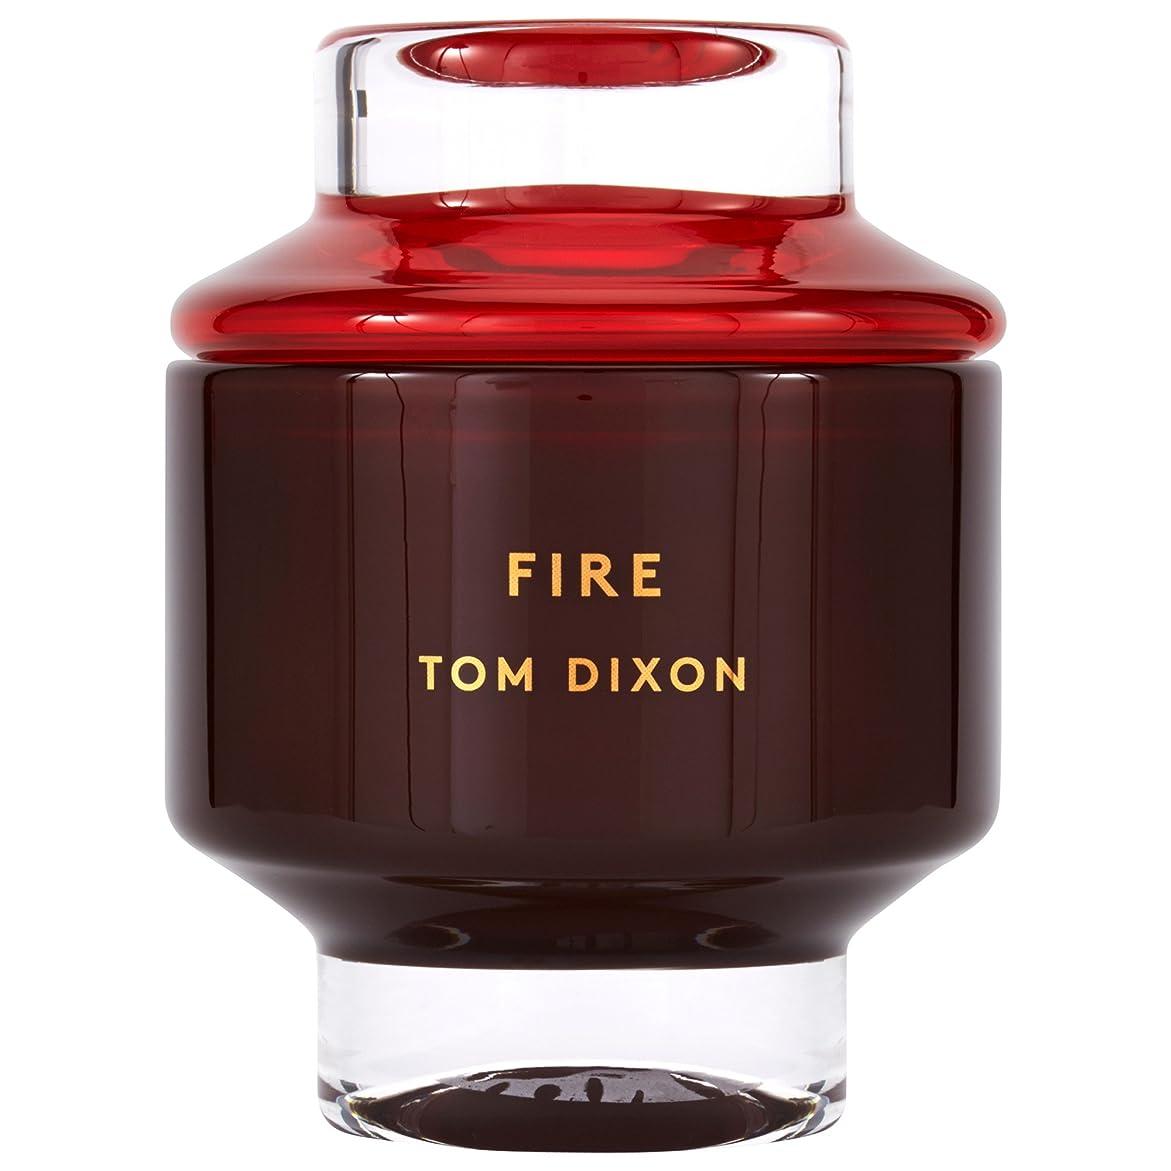 漫画適格に頼るトム?ディクソン火災大型香りのキャンドル x6 - Tom Dixon Fire Scented Candle Large (Pack of 6) [並行輸入品]